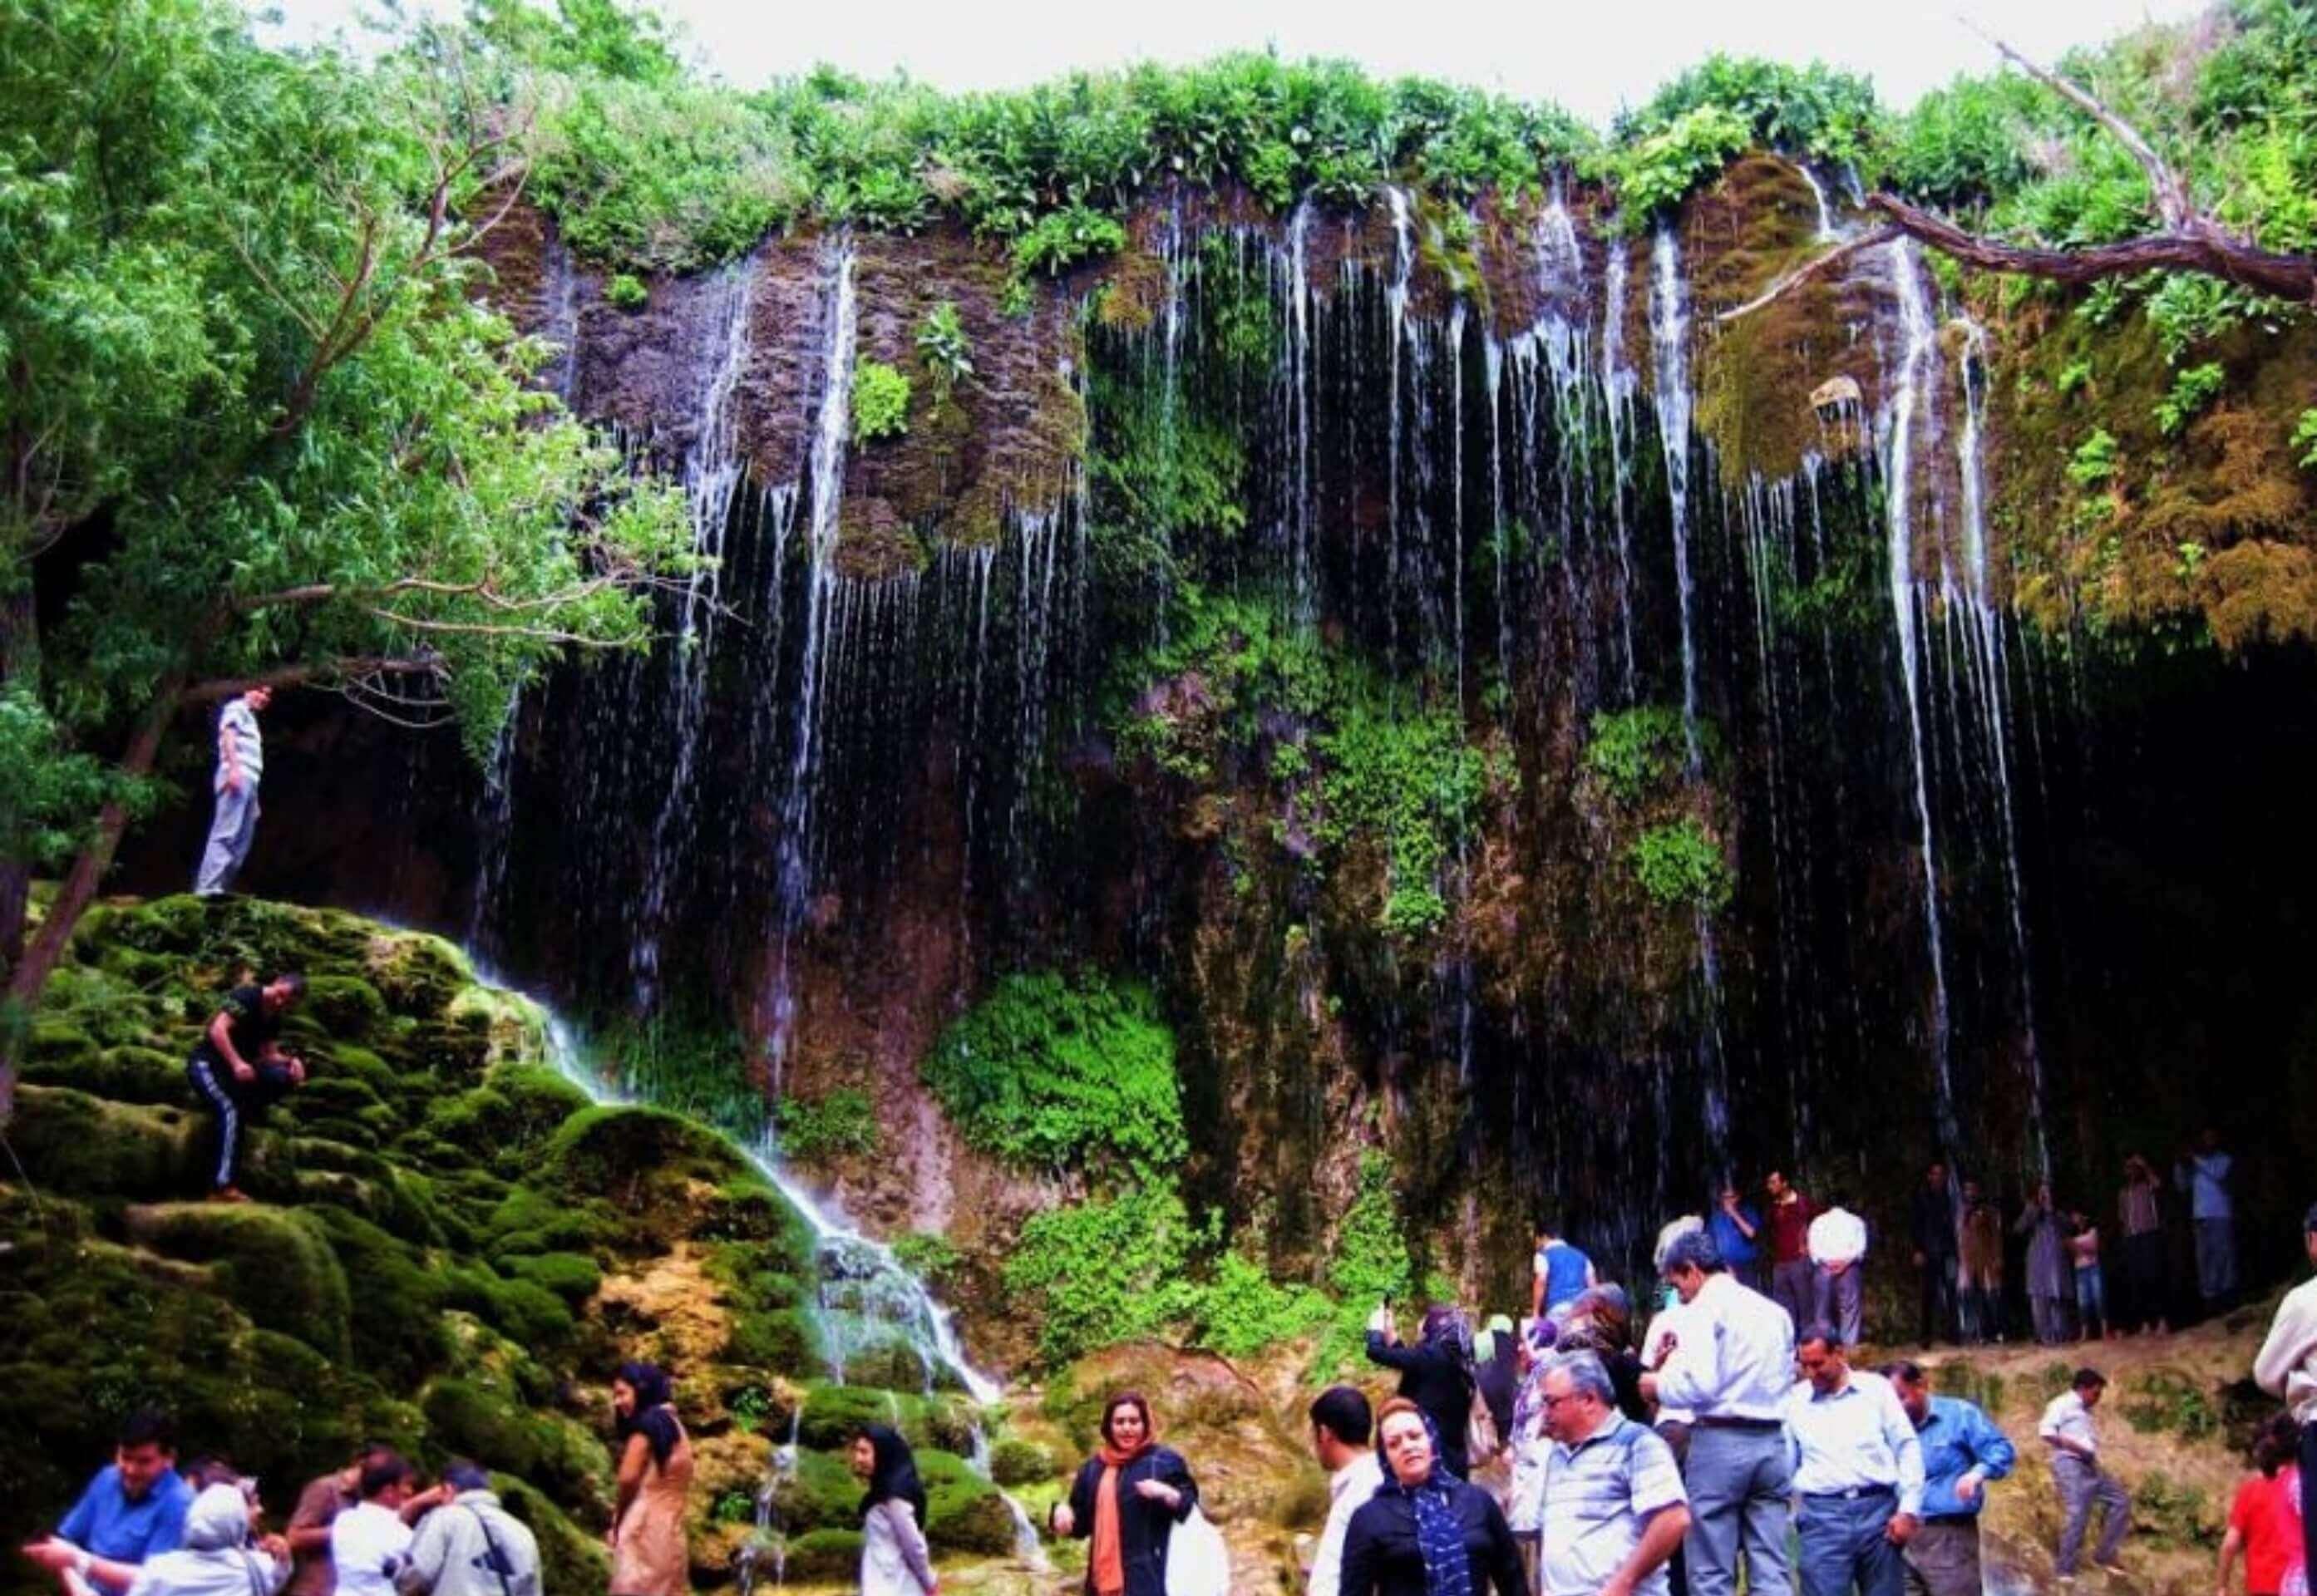 آبشار آسیاب خرابه (جلفا)